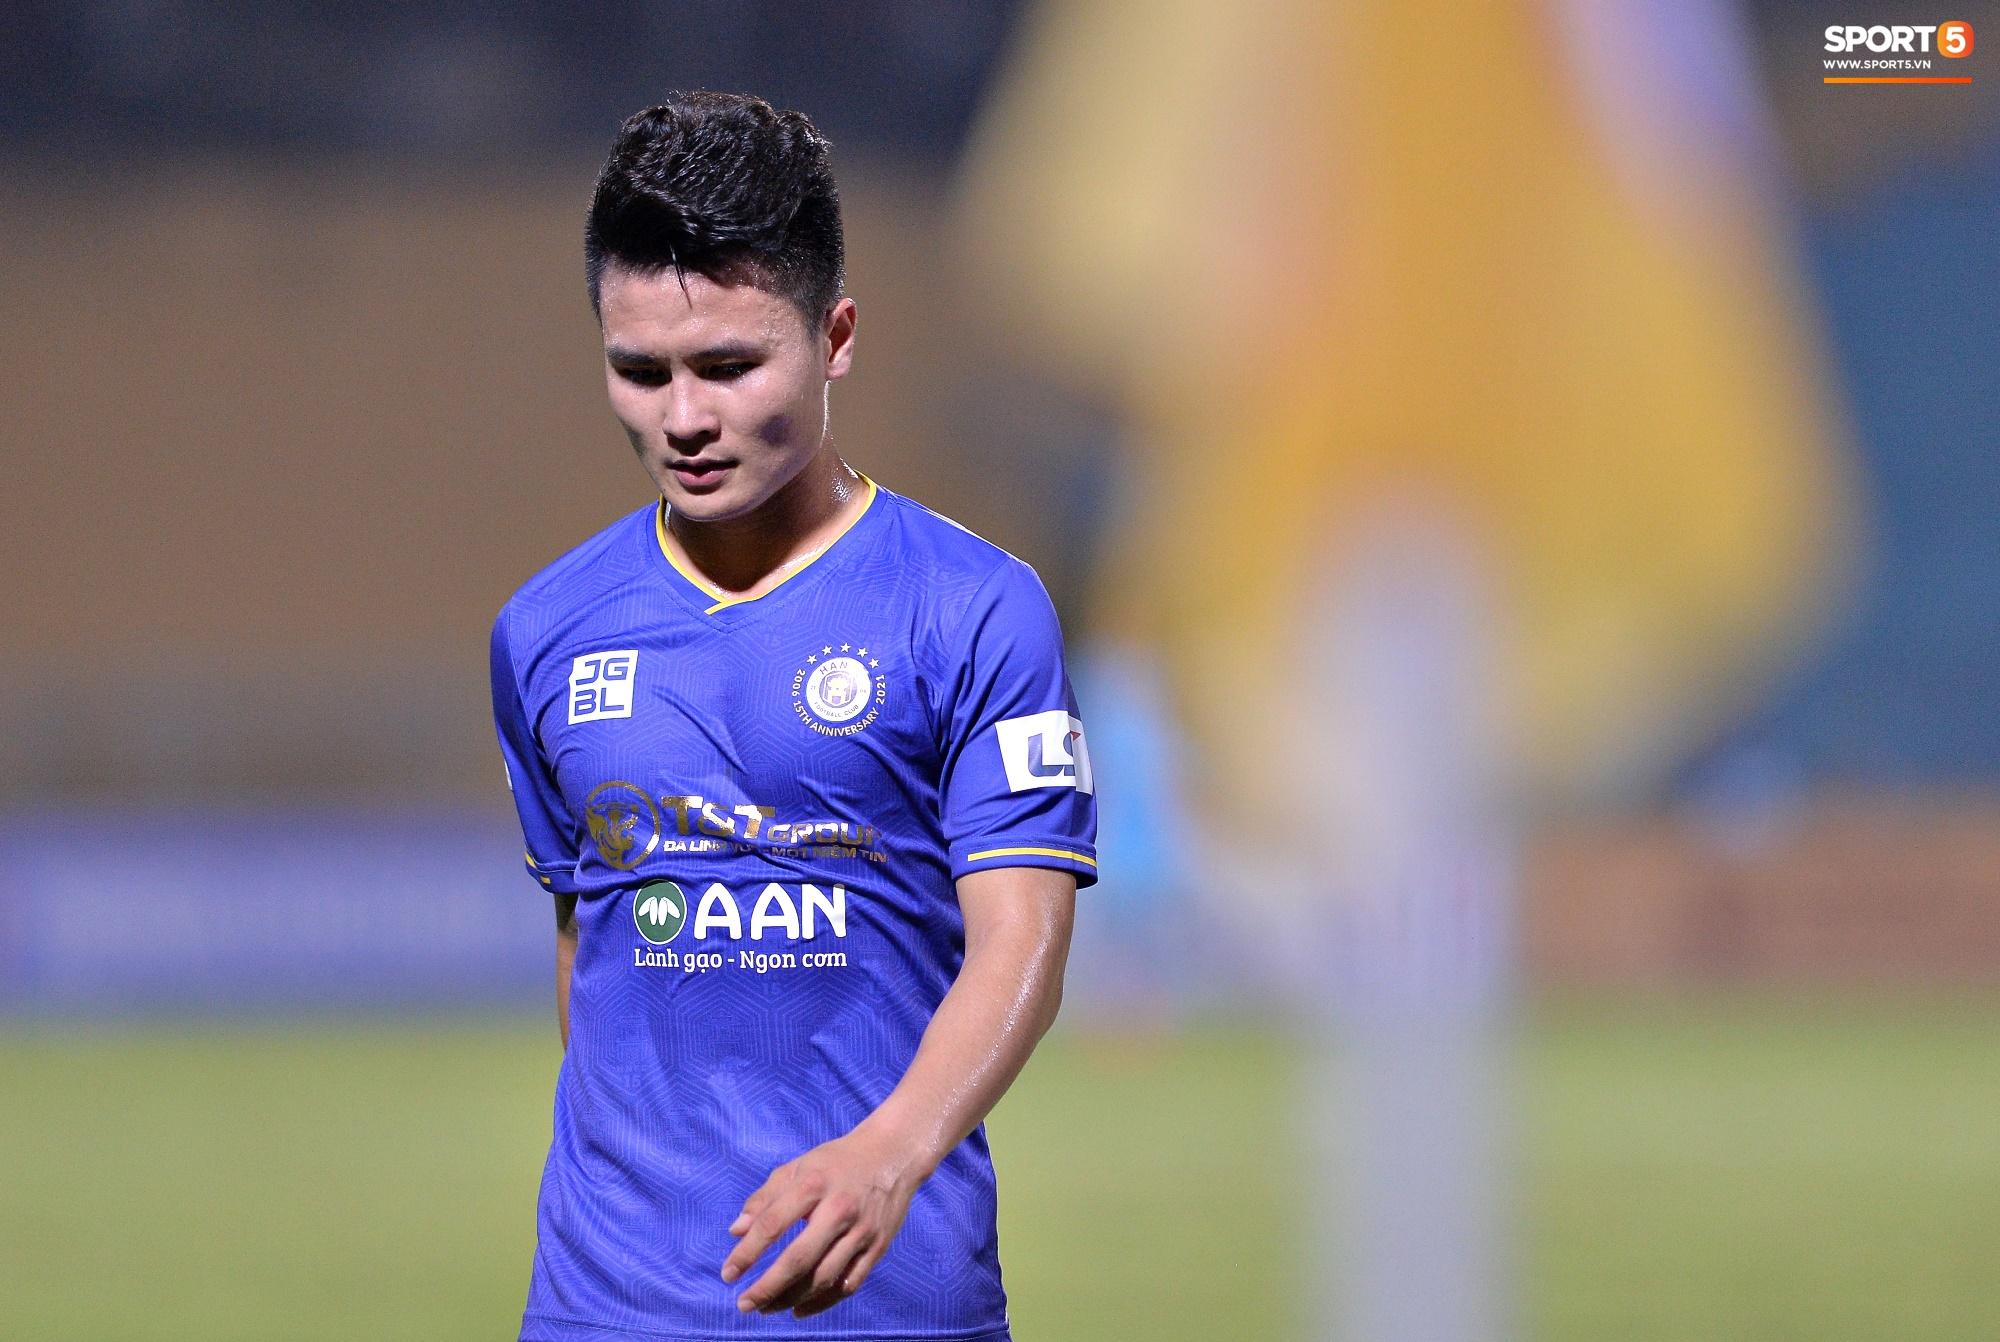 V.League đột biến sau vòng 10: Nam Định âm thầm đua vô địch, Hà Nội FC đã biết hoảng - Ảnh 3.